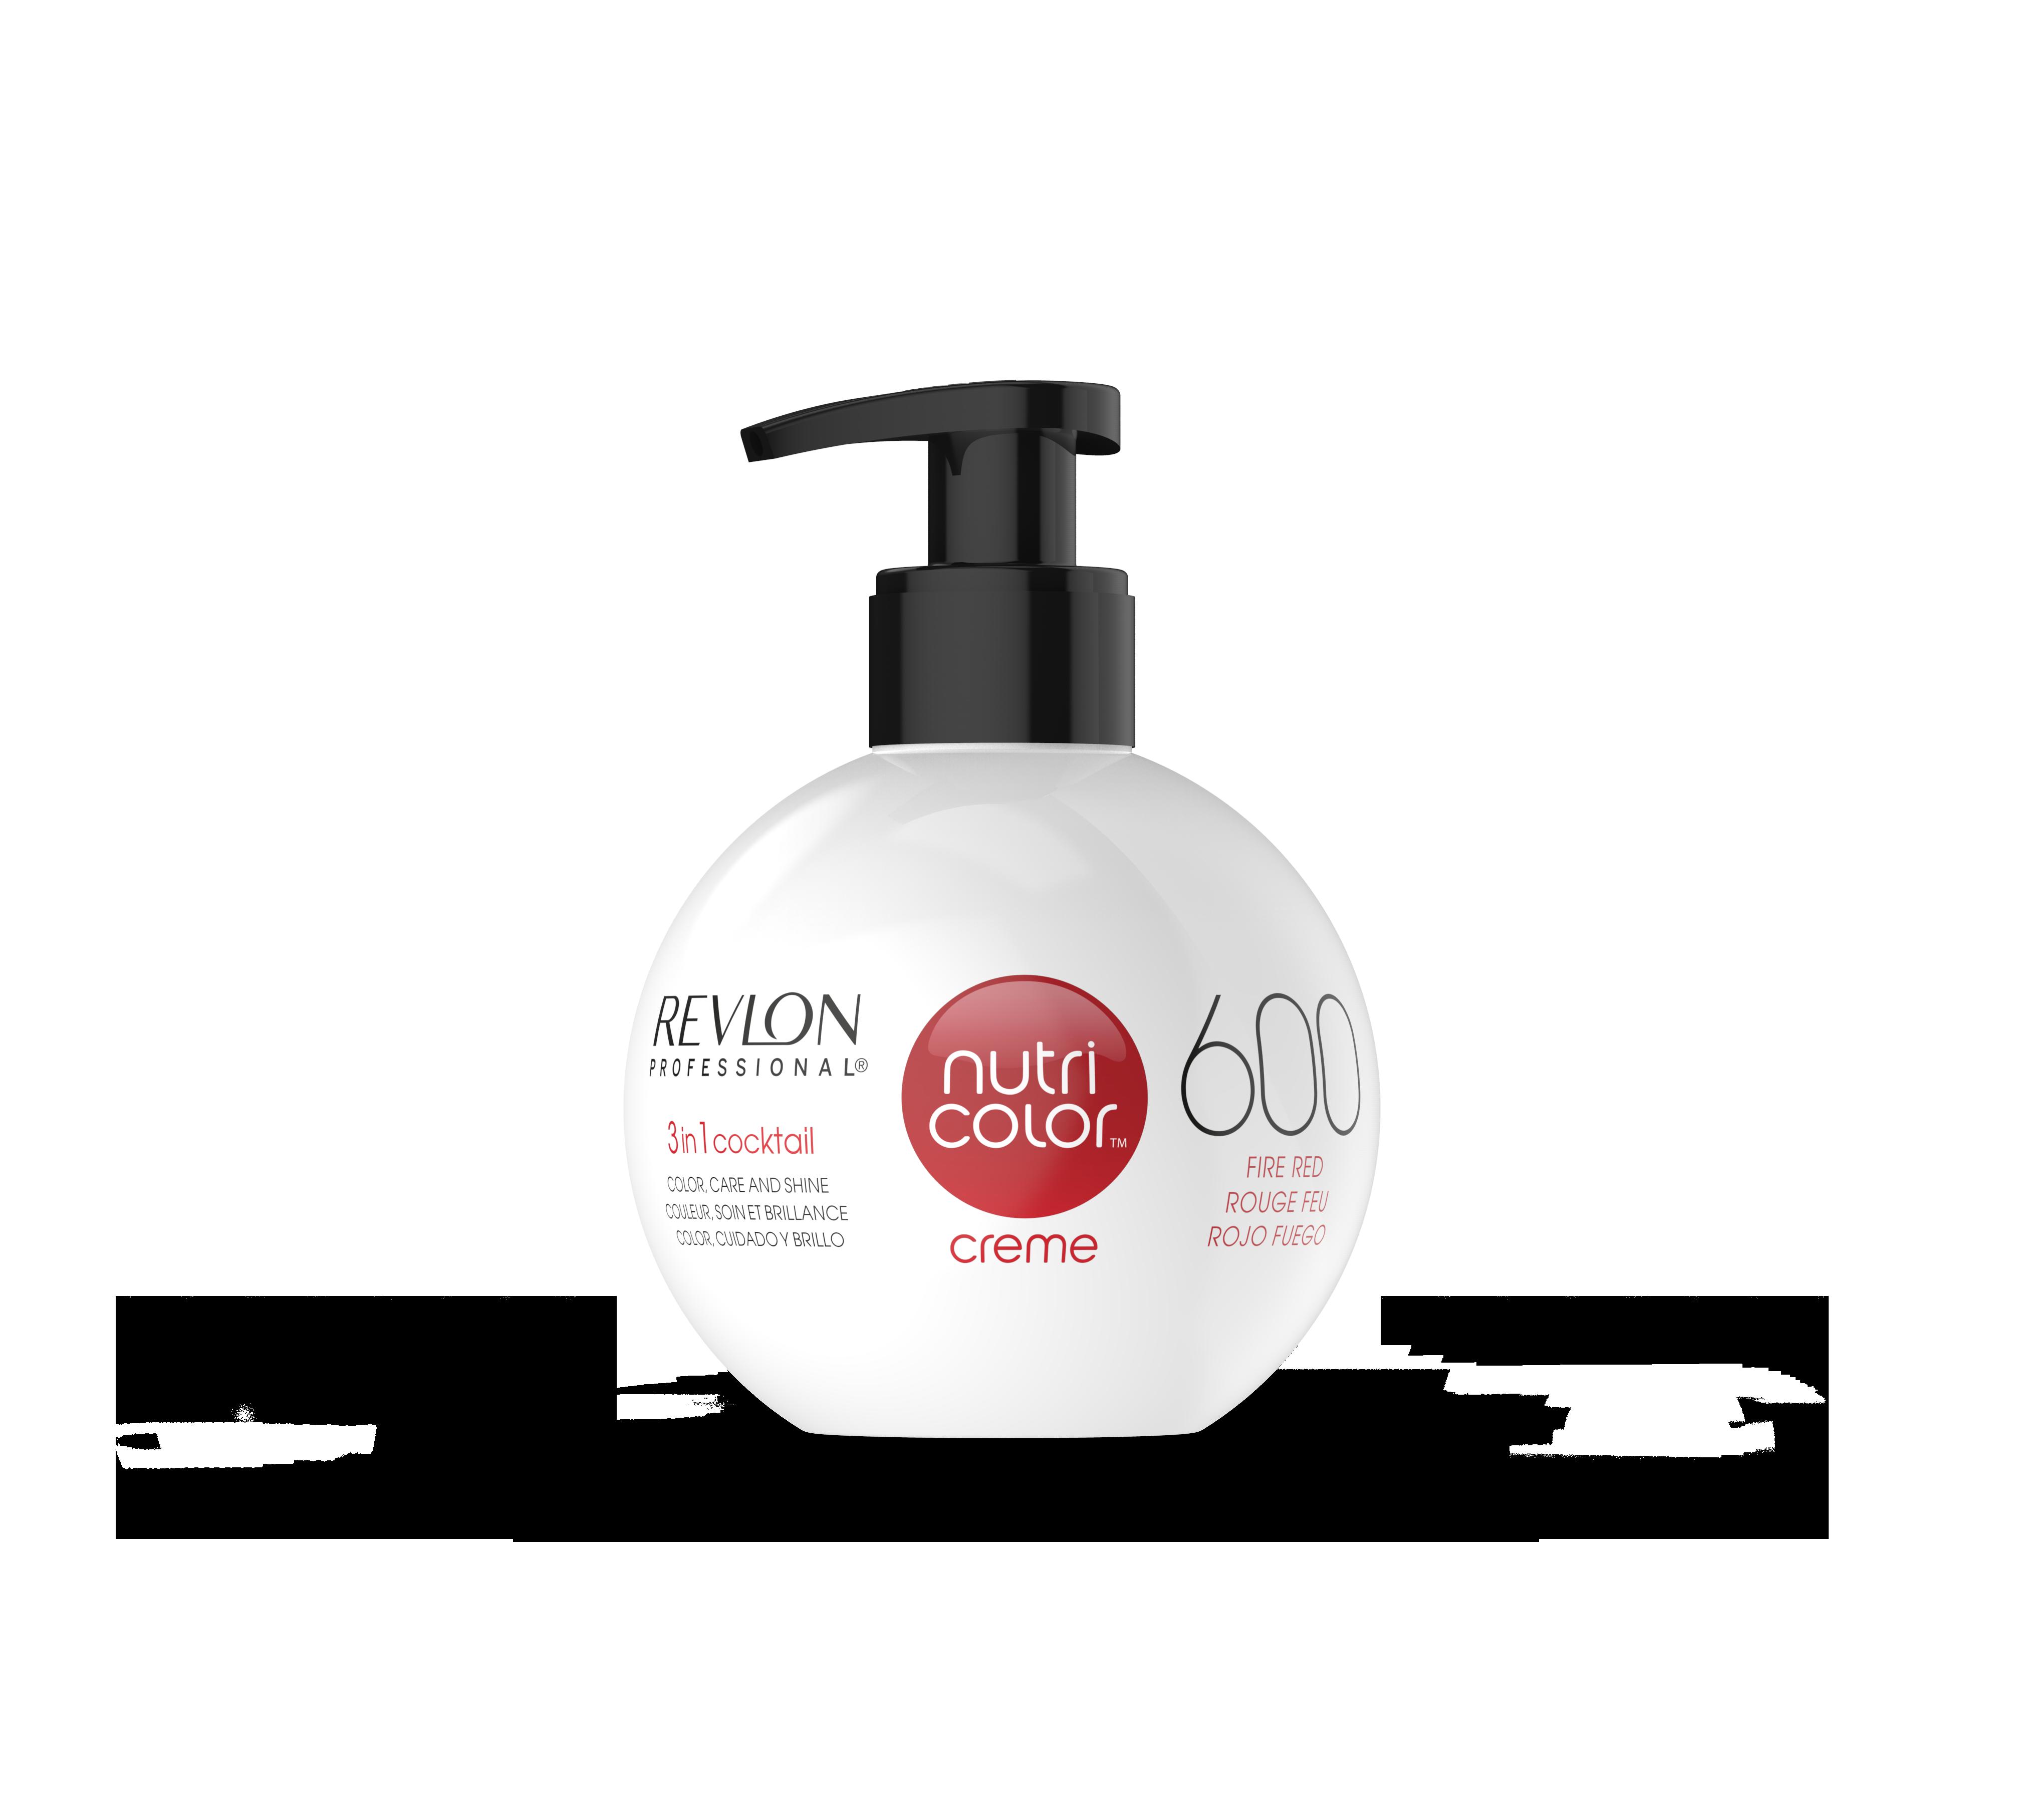 Купить REVLON Professional 600 краска 3 в 1 для волос, огненно-красный / NUTRI COLOR CREME 270 мл